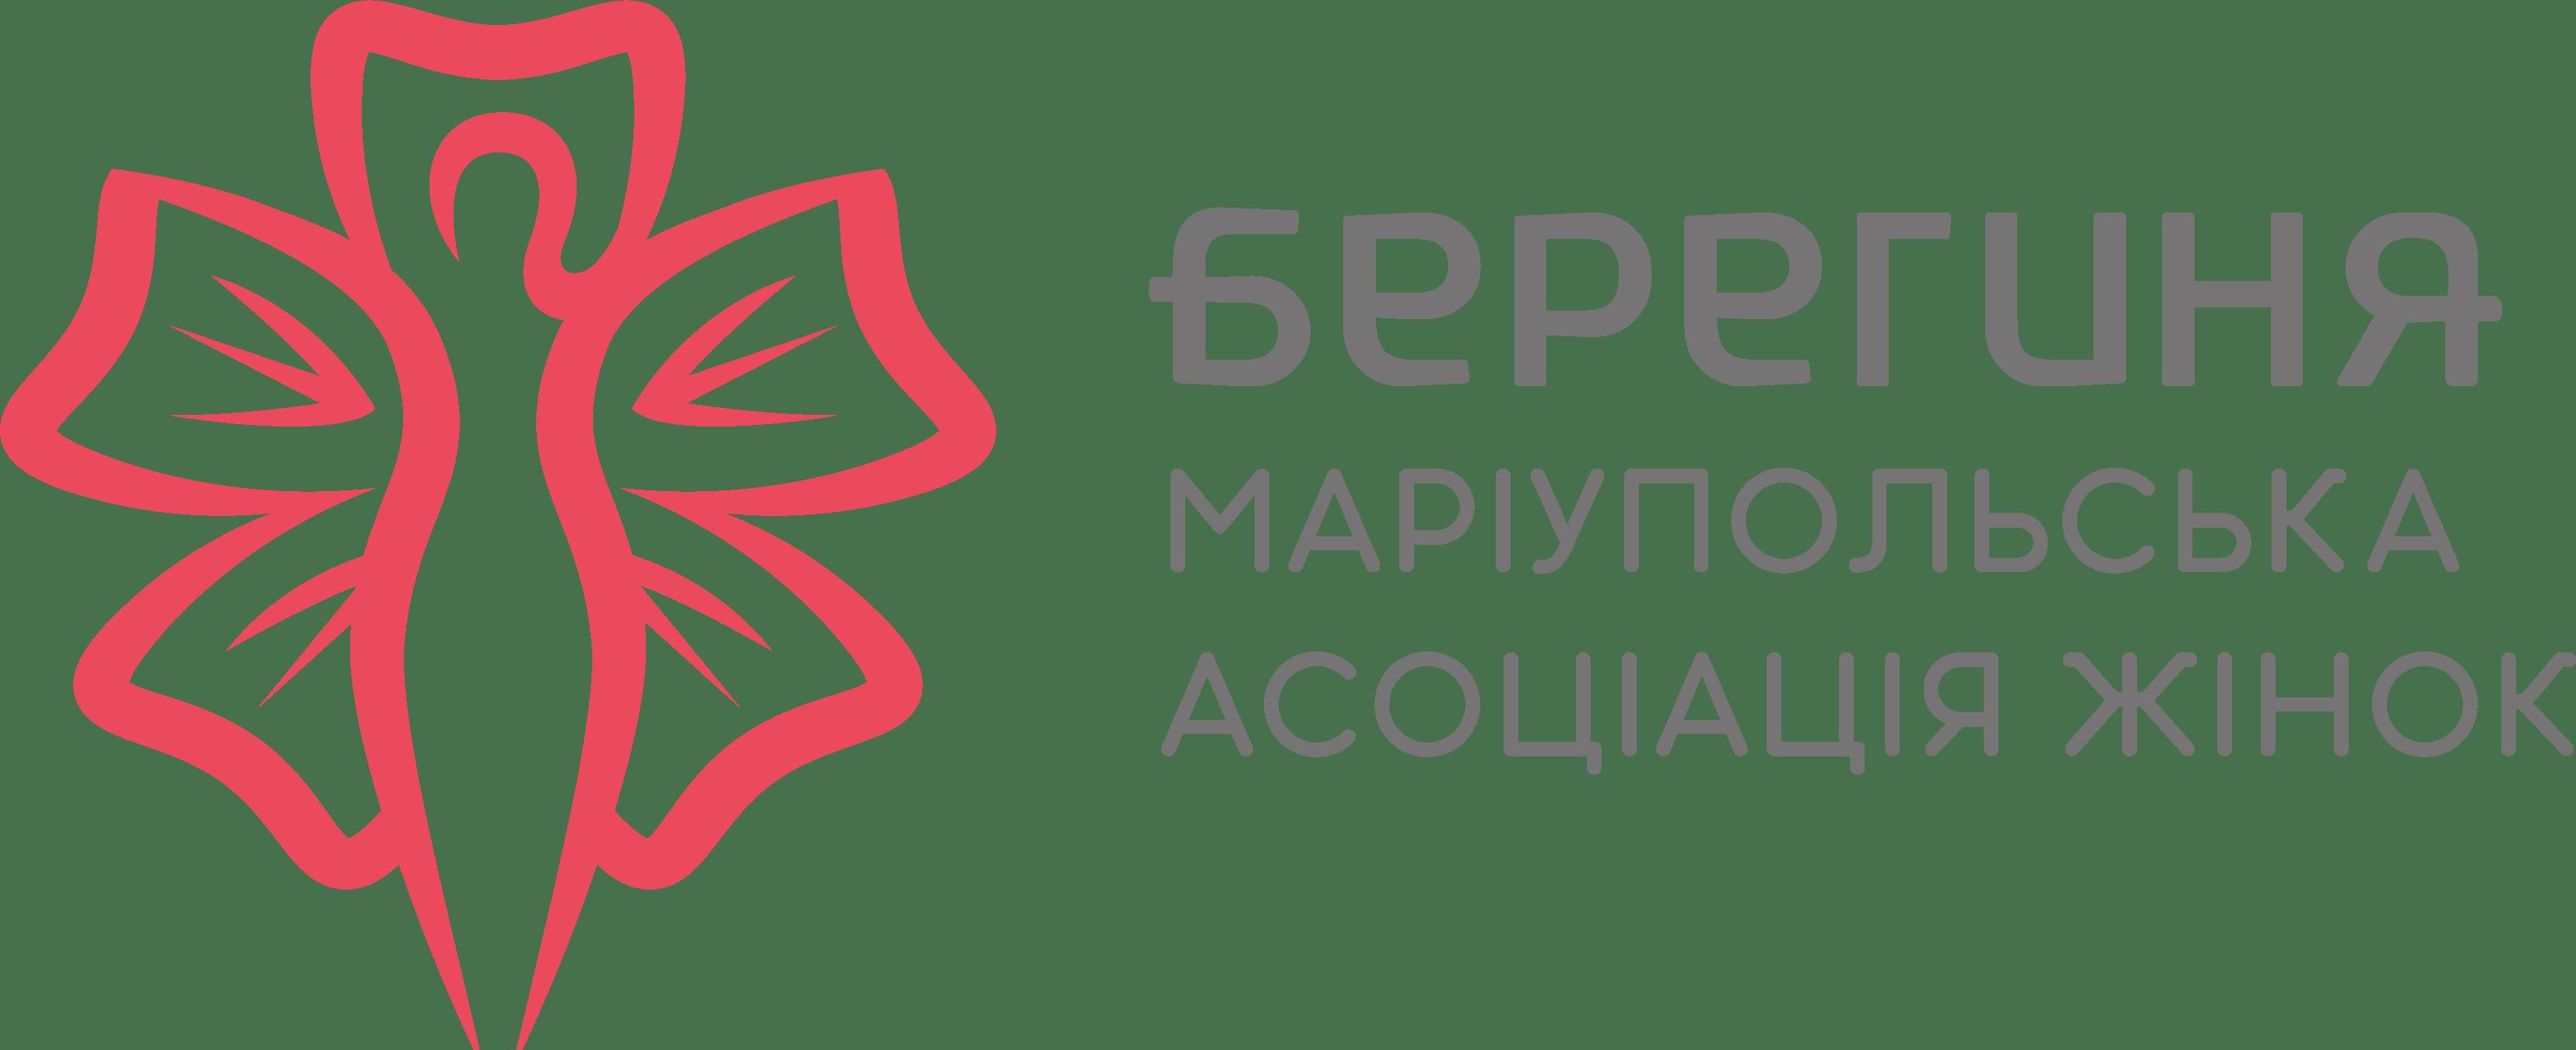 Маріупольська асоціація жінок «Берегиня»